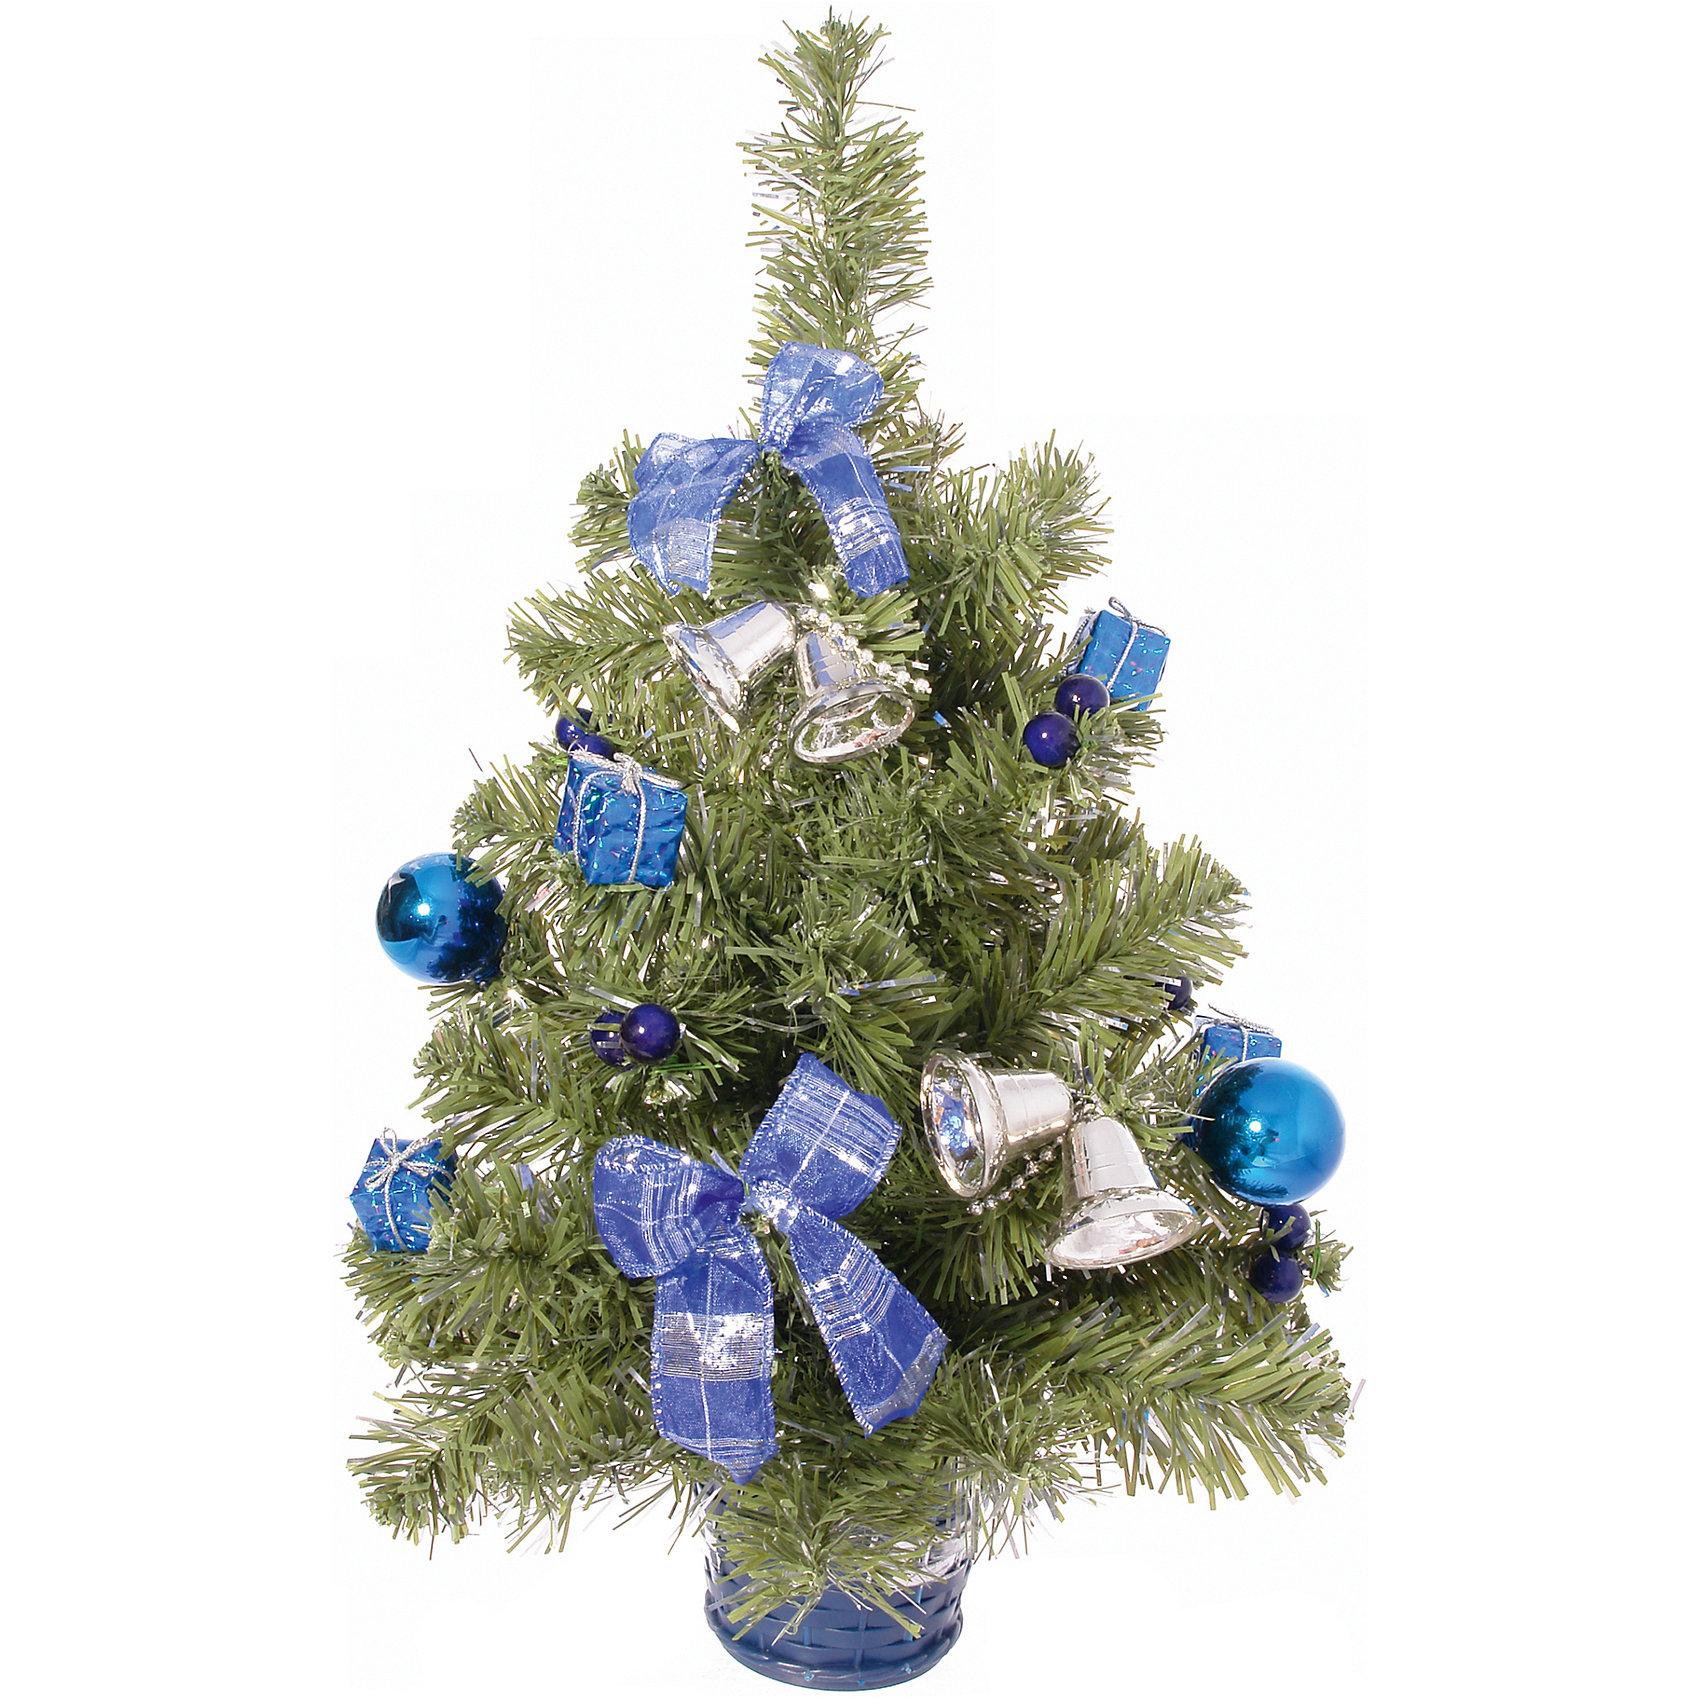 Ель 51 см с синим декоромЕль с синим декором, Волшебная страна, станет замечательным украшением Вашего интерьера и приятным сувениром для родных и друзей. Нарядная, компактная елочка порадует и взрослых и детей и создаст волшебную атмосферу новогодних праздников. Елочка имеет подставку и украшена синими шарами, бантиками и серебристыми колокольчиками.<br><br>Дополнительная информация:<br><br>- Цвет украшений: синий.<br>- Высота ели: 51 см.<br>- Размеры: 31 x 31 x 51 см.<br>- Вес: 0,42 кг. <br><br>Ель с синим декором, Волшебная страна, можно купить в нашем интернет-магазине.<br><br>Ширина мм: 310<br>Глубина мм: 310<br>Высота мм: 510<br>Вес г: 420<br>Возраст от месяцев: 36<br>Возраст до месяцев: 2147483647<br>Пол: Унисекс<br>Возраст: Детский<br>SKU: 4288597